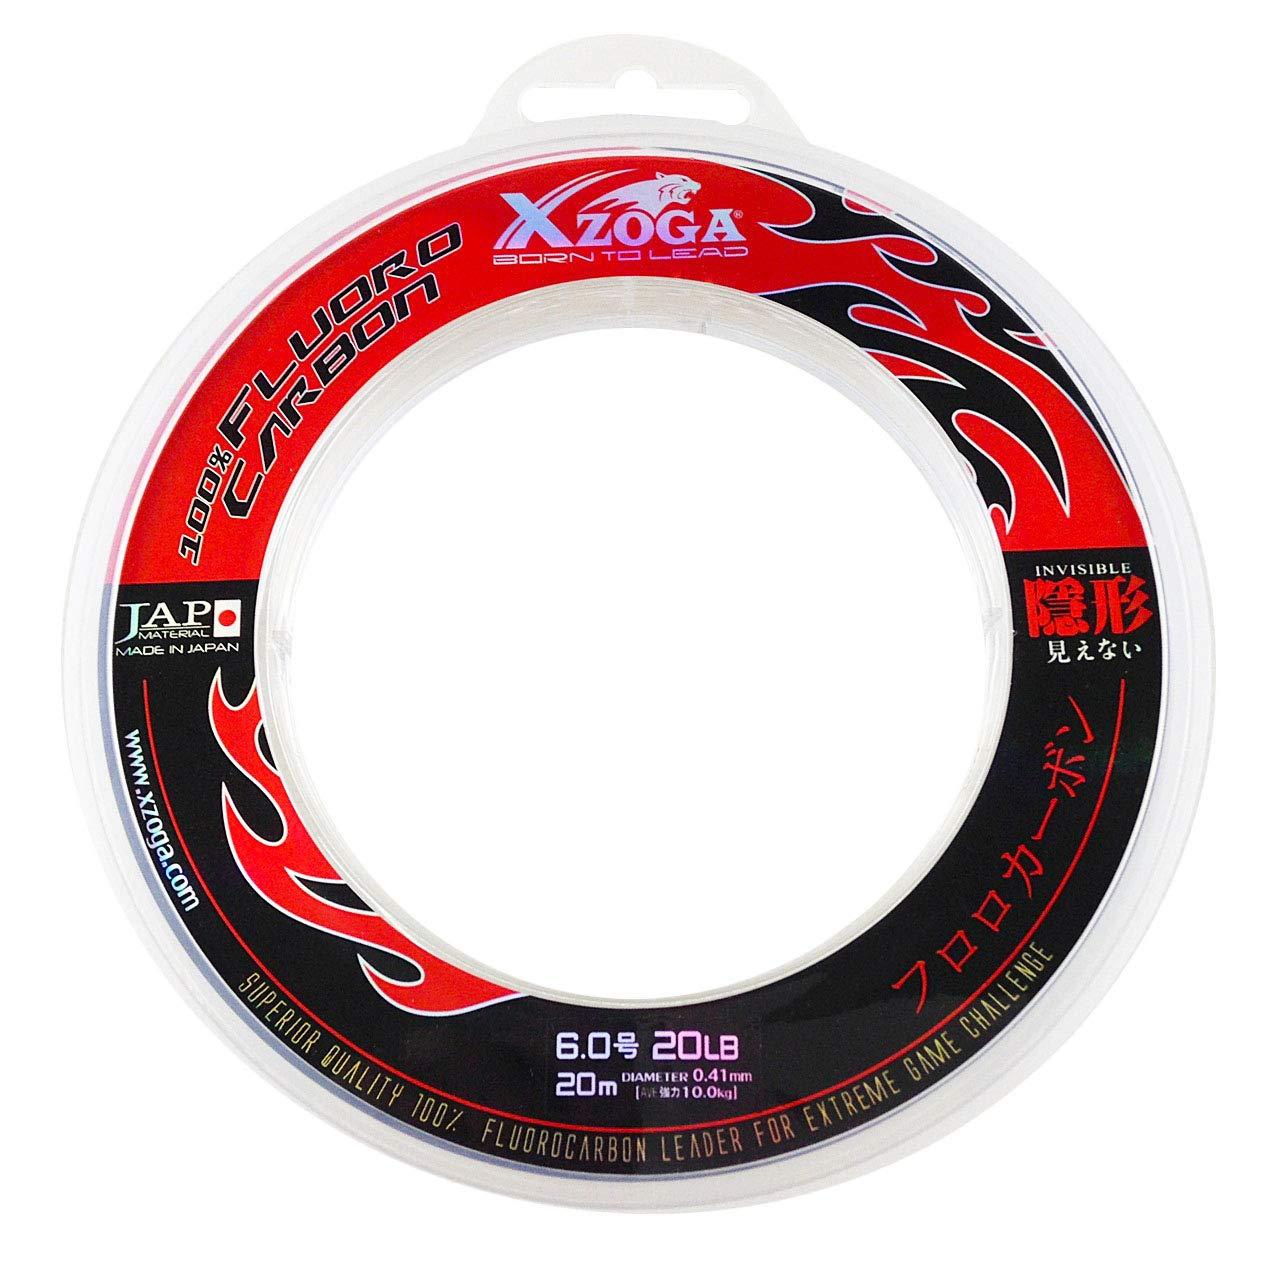 良質  Xzoga Line 100% Fluorocarbon Invisible Invisible Fishing Leader (1) Line 9.1kg/20M (1) B01CS99OGG, 家具のマルケン:65c8d24e --- ballyshannonshow.com